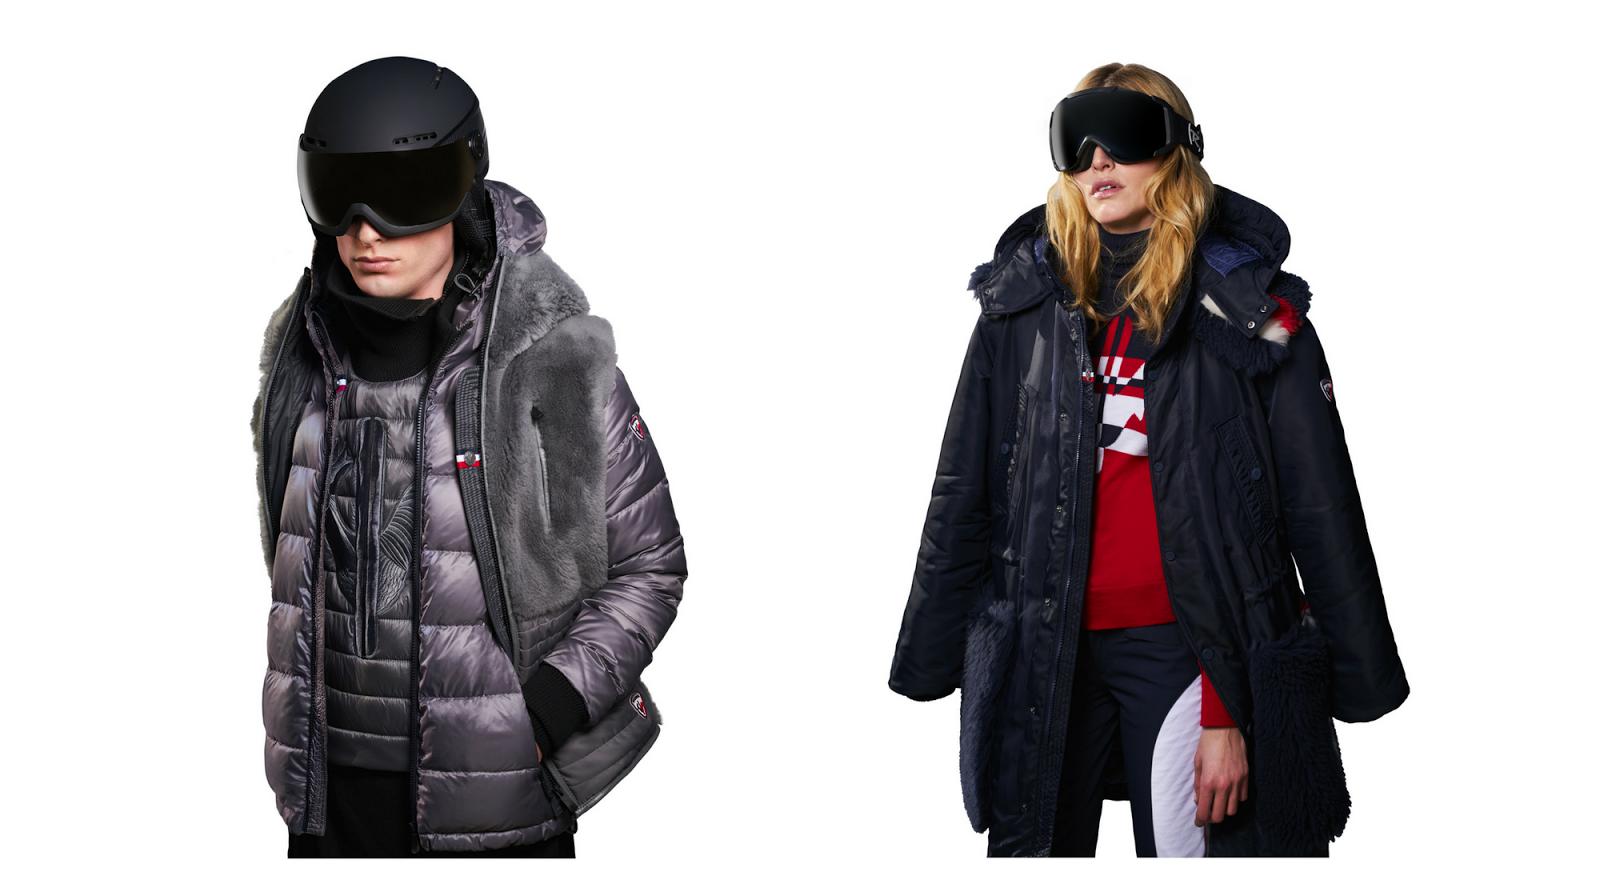 half off ebba2 4a1b7 Rossignol: piumini e moda sci per l'autunno inverno 2017-18 ...